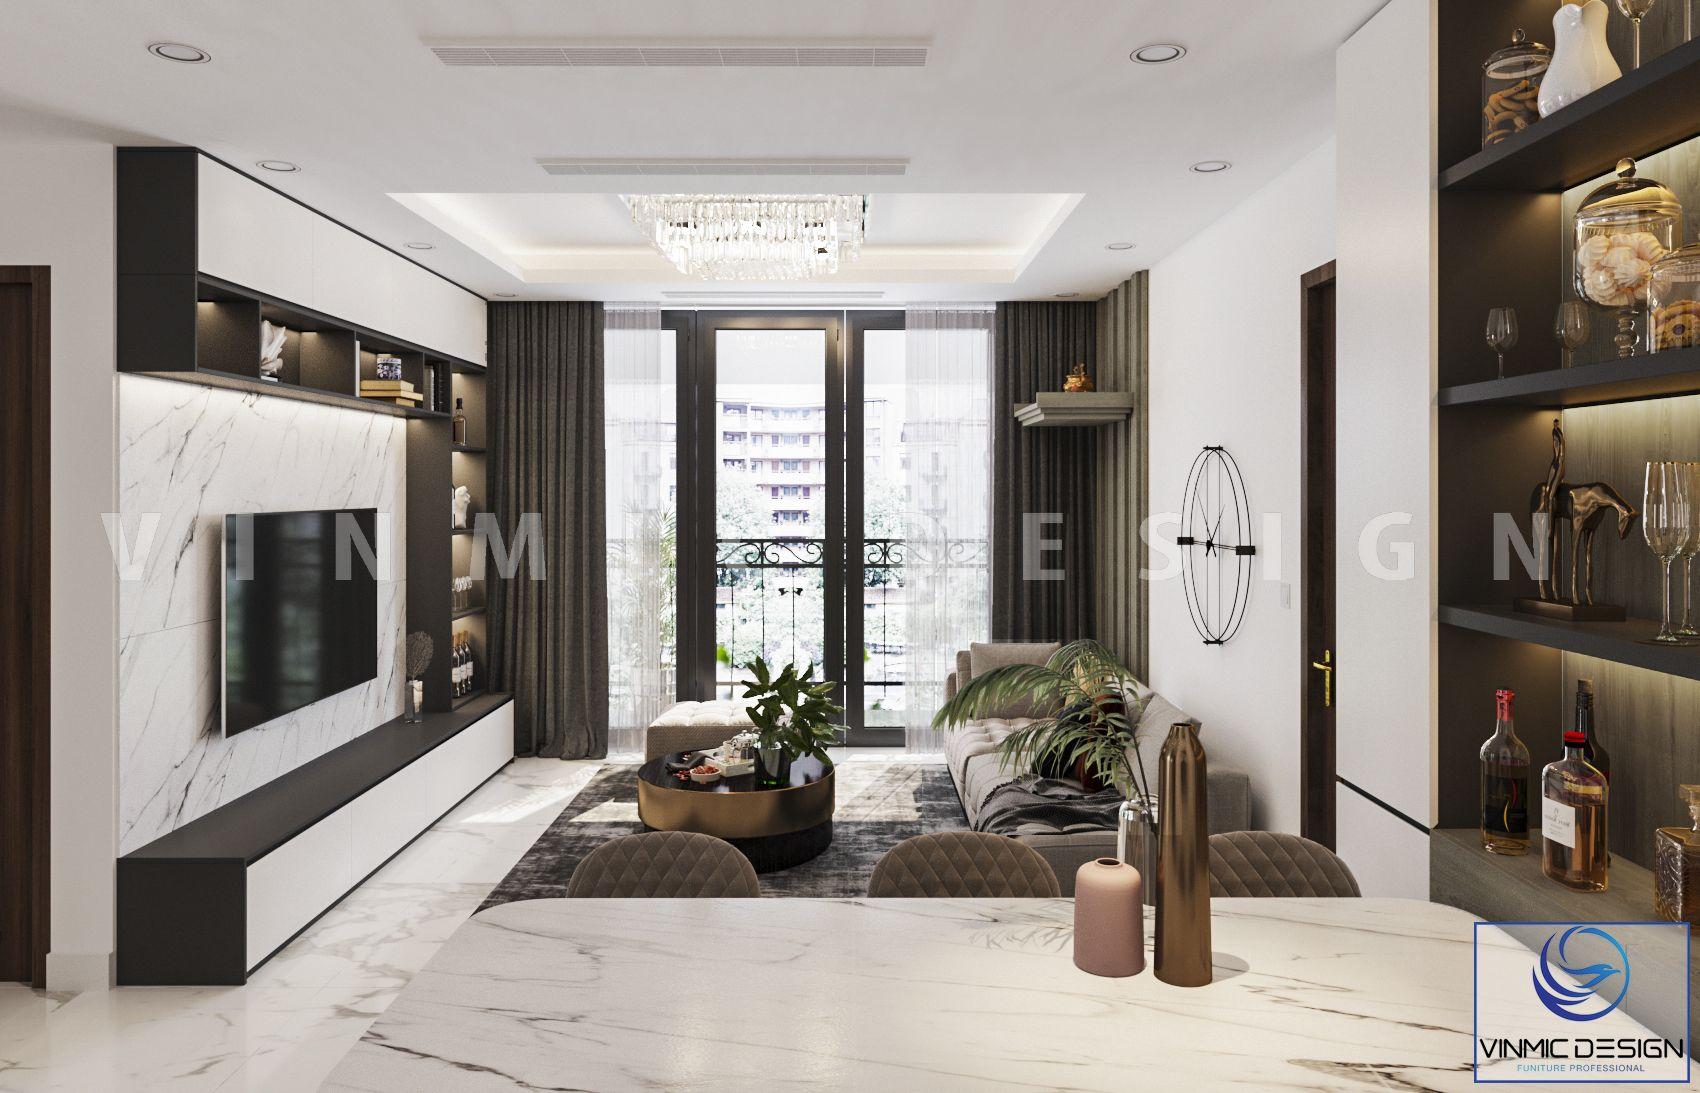 Phòng khách chung cư được thiết kế với bộ tủ rượu ấn tượng